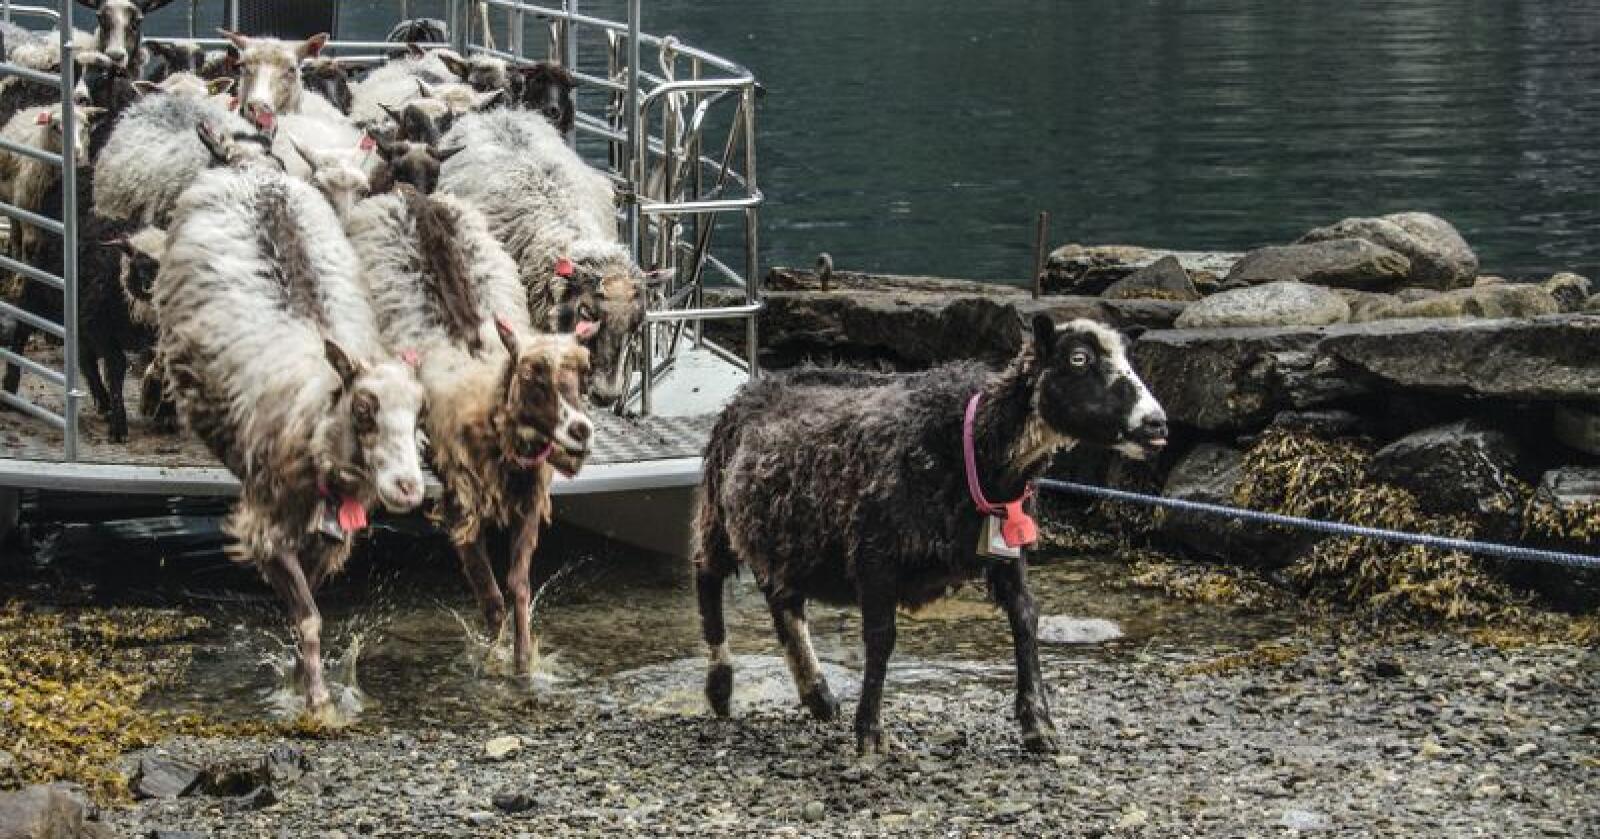 Her er sauene frå Sjøtunet på veg til fjells. Dei blir frakta med båt inn Fyksesundet til Botnen. Foto: Geir Ellingsrud